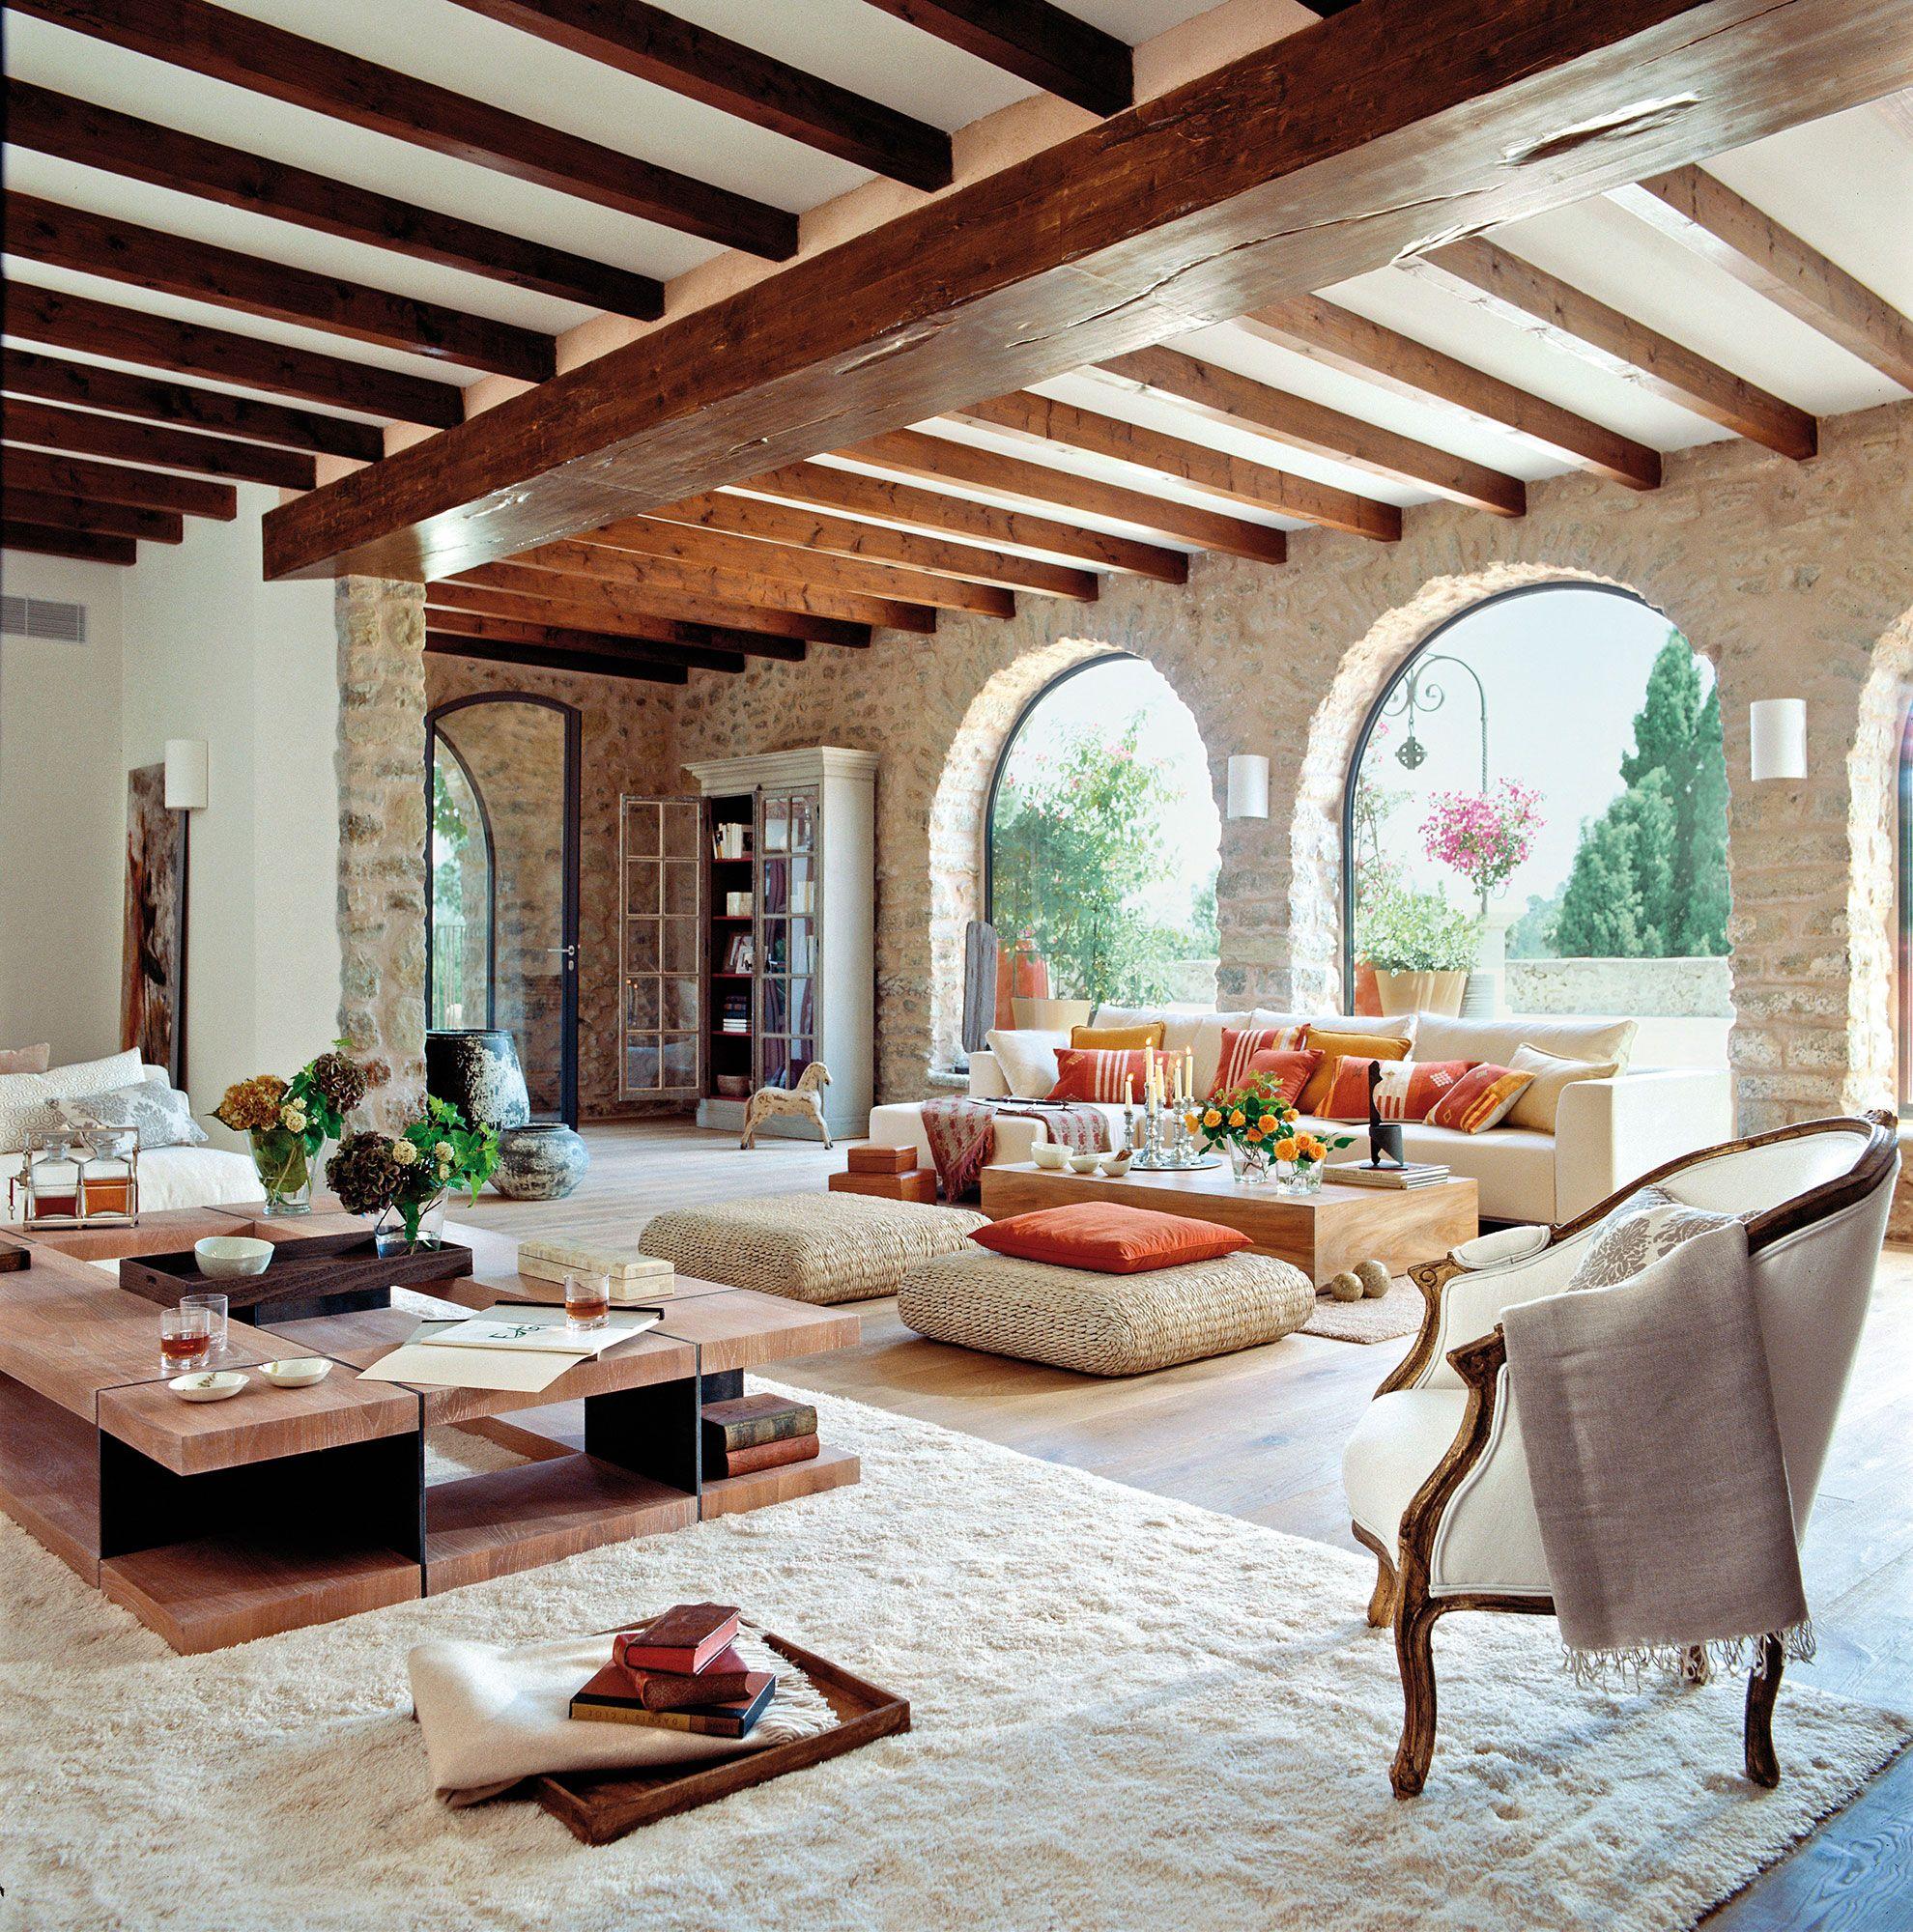 Sal n r stico con paredes de piedra y ventanas en arco - Salon de piedra ...